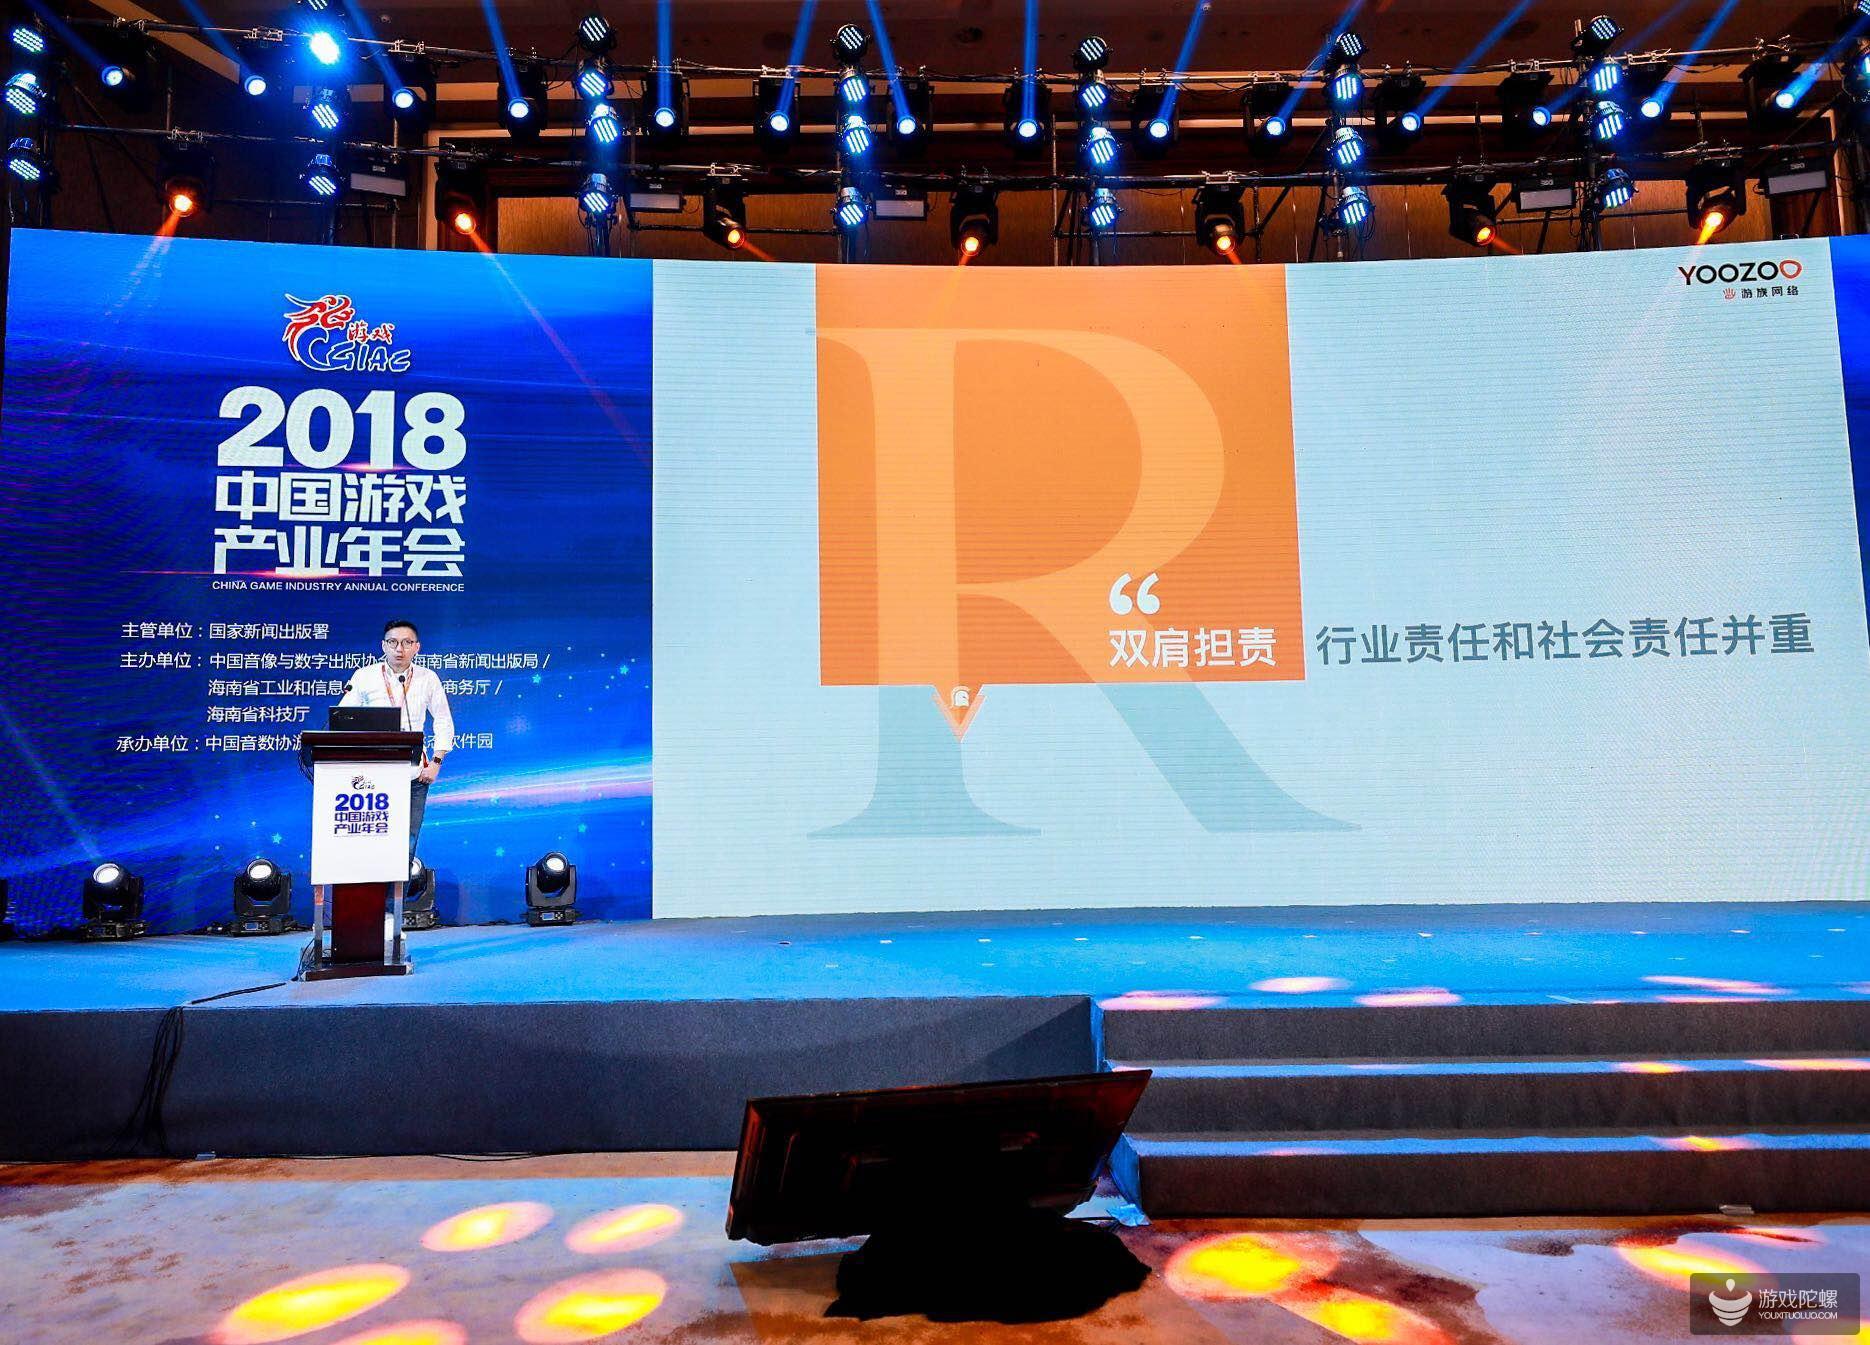 游族网络联席总裁陈芳:从游戏与IP双向赋能,谈游族的文化责任